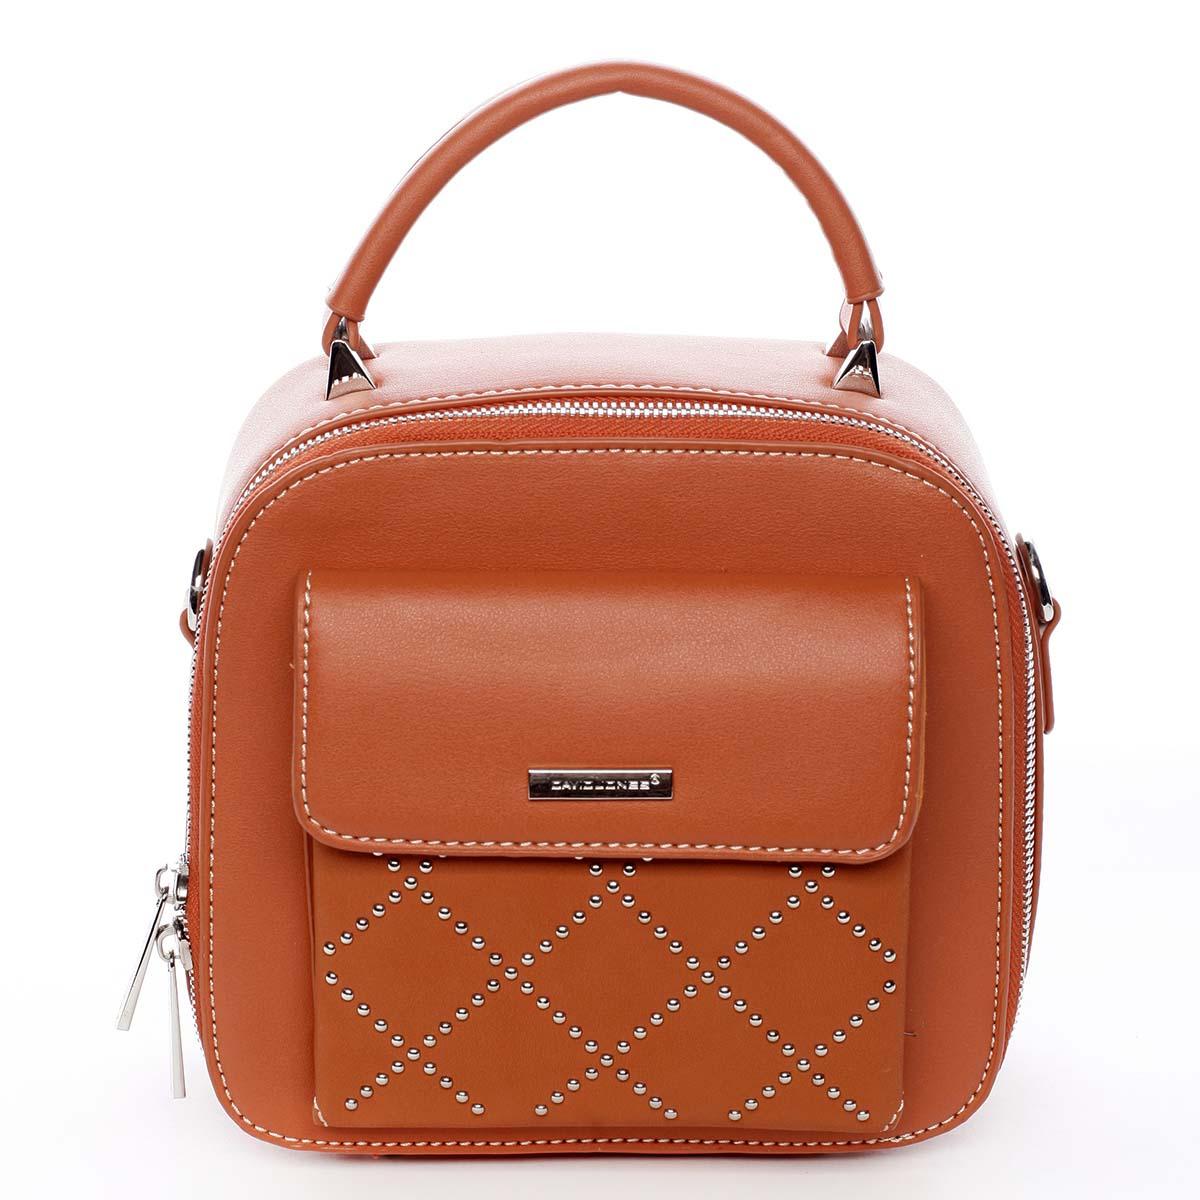 Luxusní malá dámská kabelka do ruky oranžová - David Jones Stela